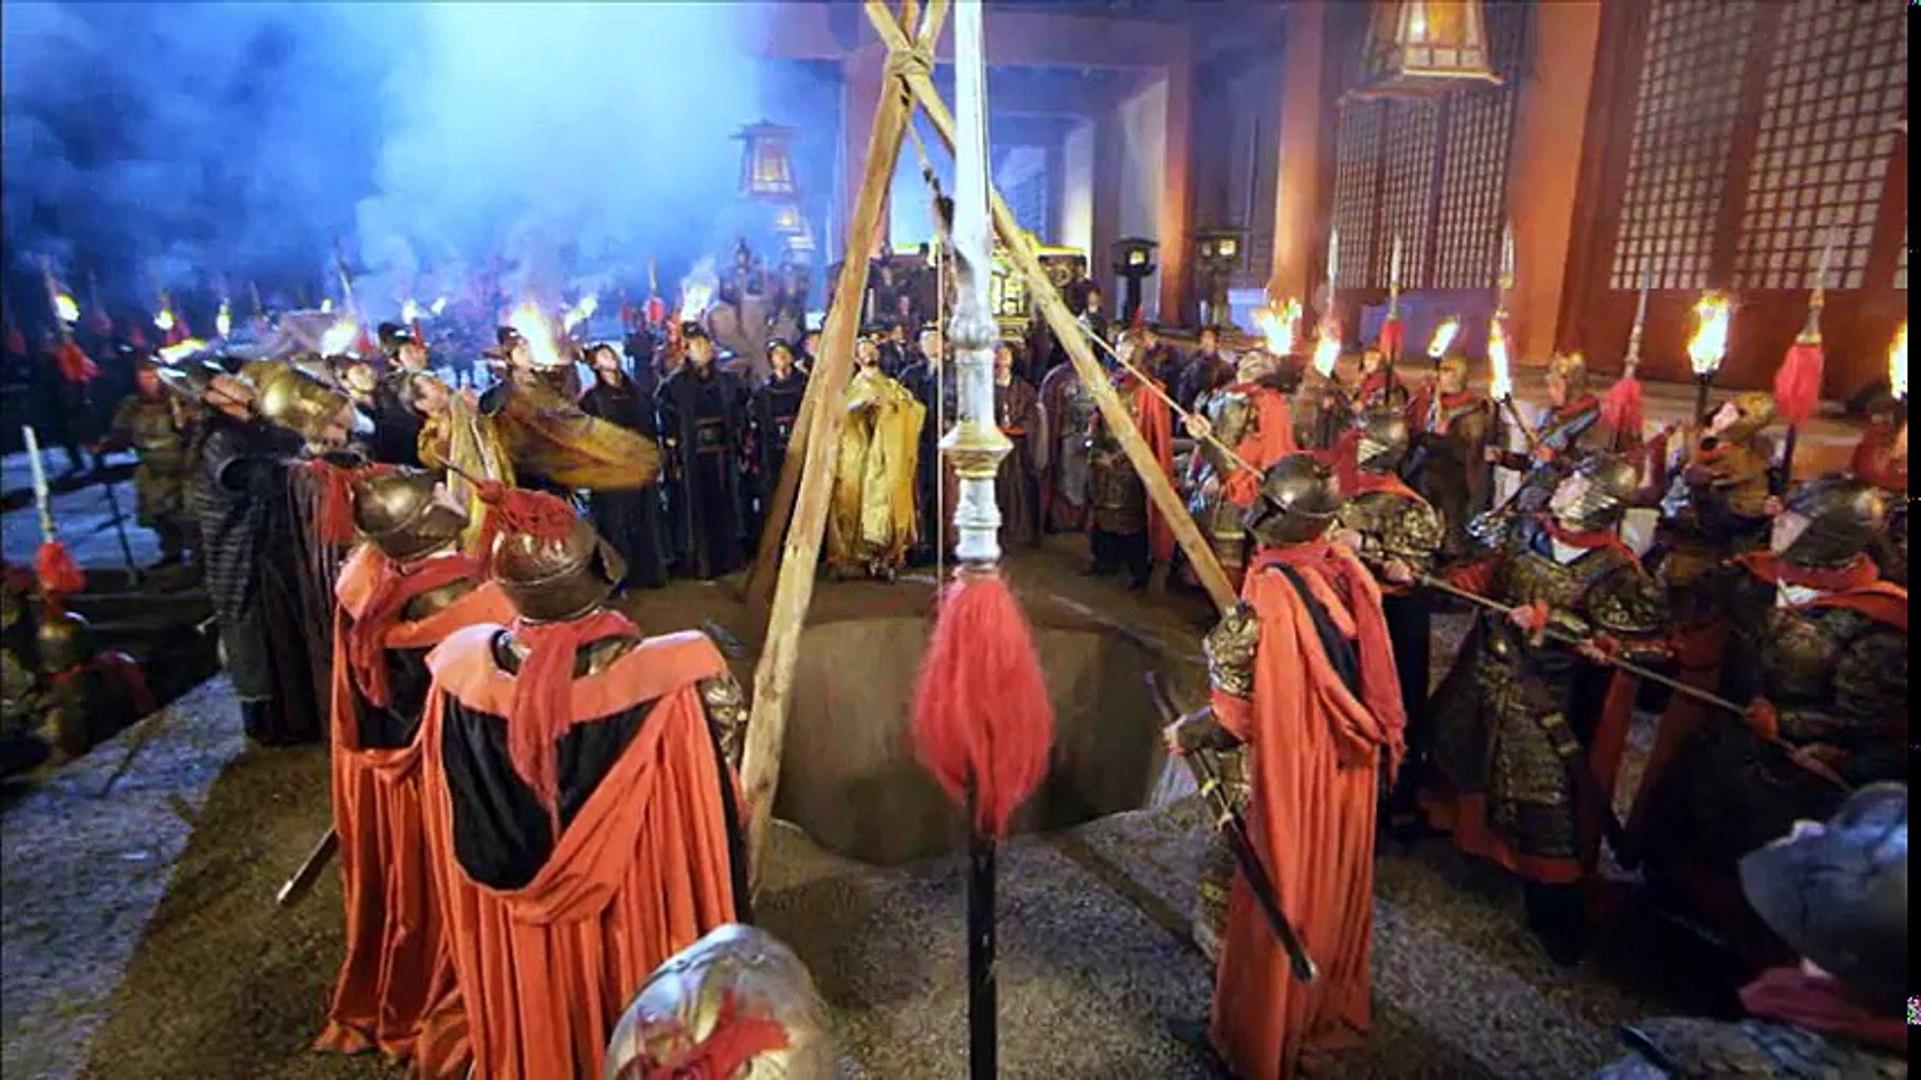 し 隋唐 ゆく 集い 人 滅び 演義 の 帝国 英雄 と 46